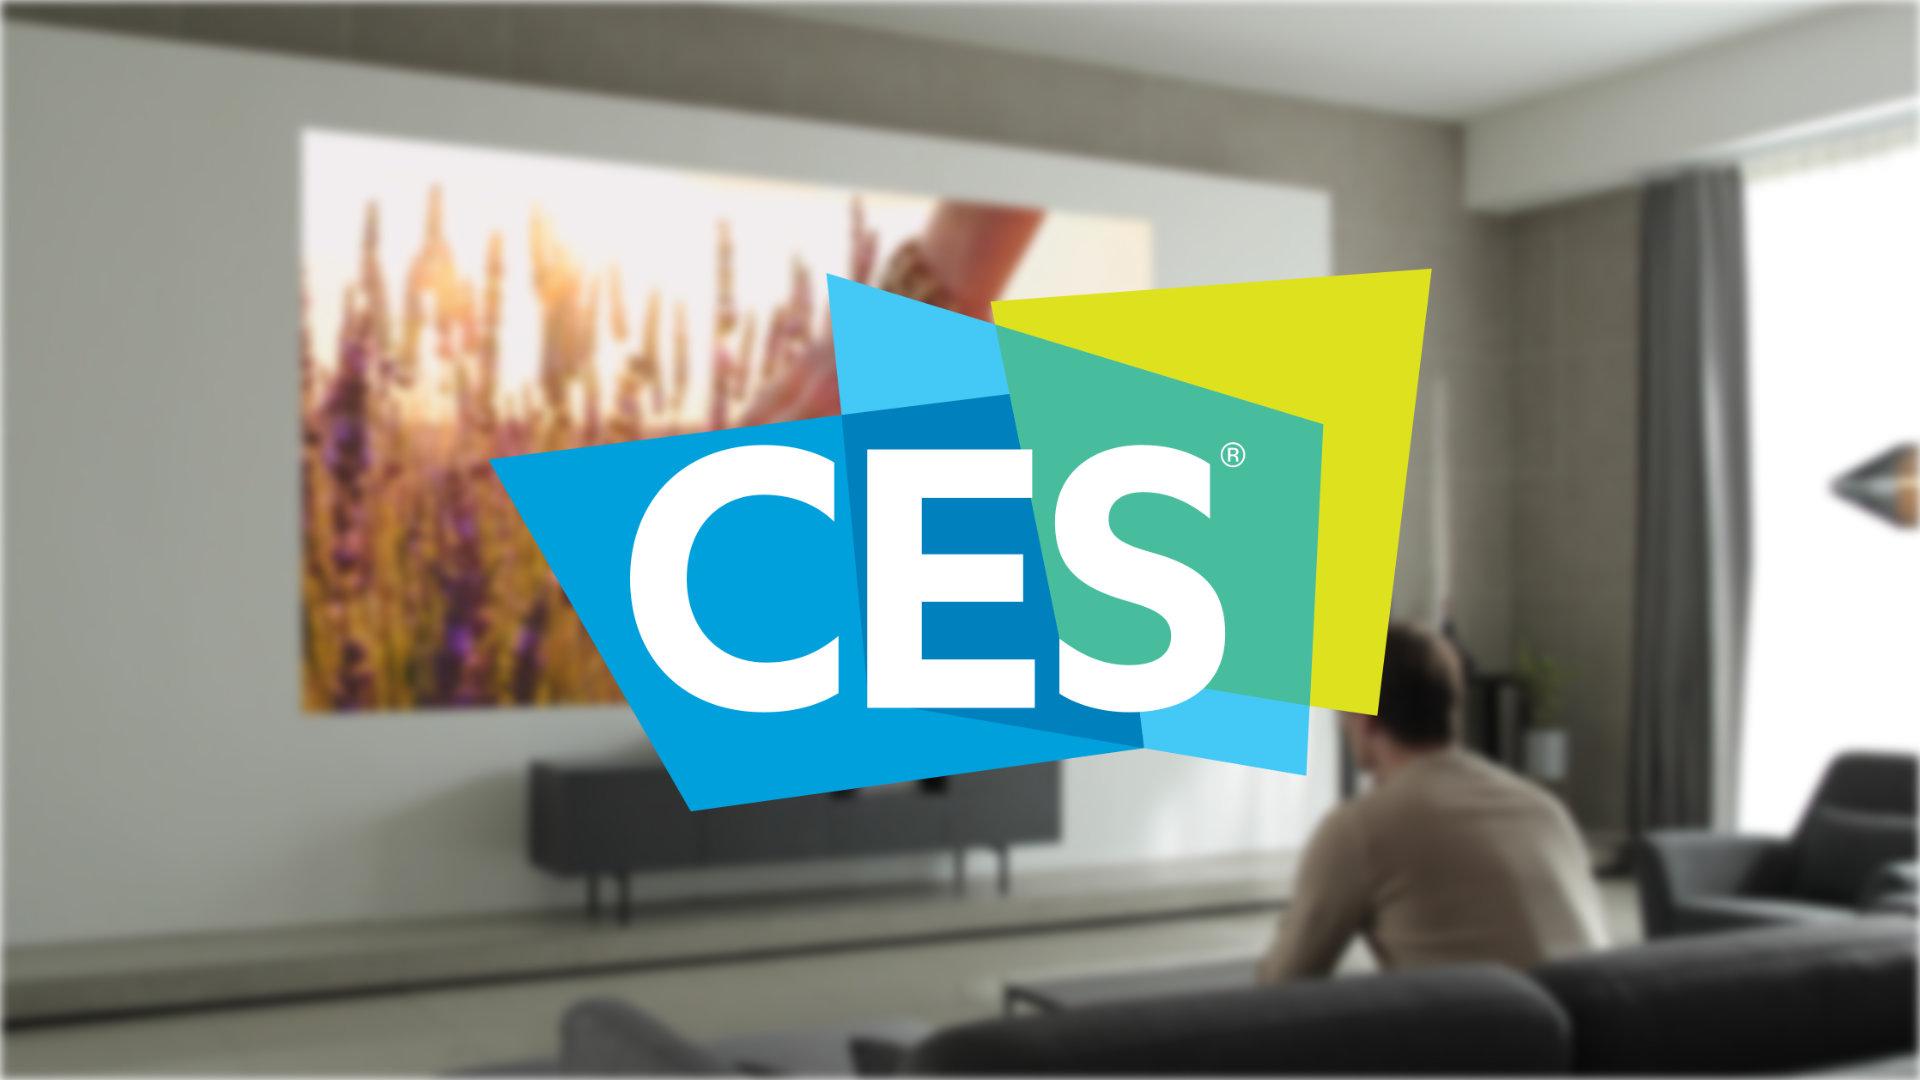 Le CES 2019 nous donne un aperçu des TV du futur : AirPlay, 8K, HDR, écran enroulable…